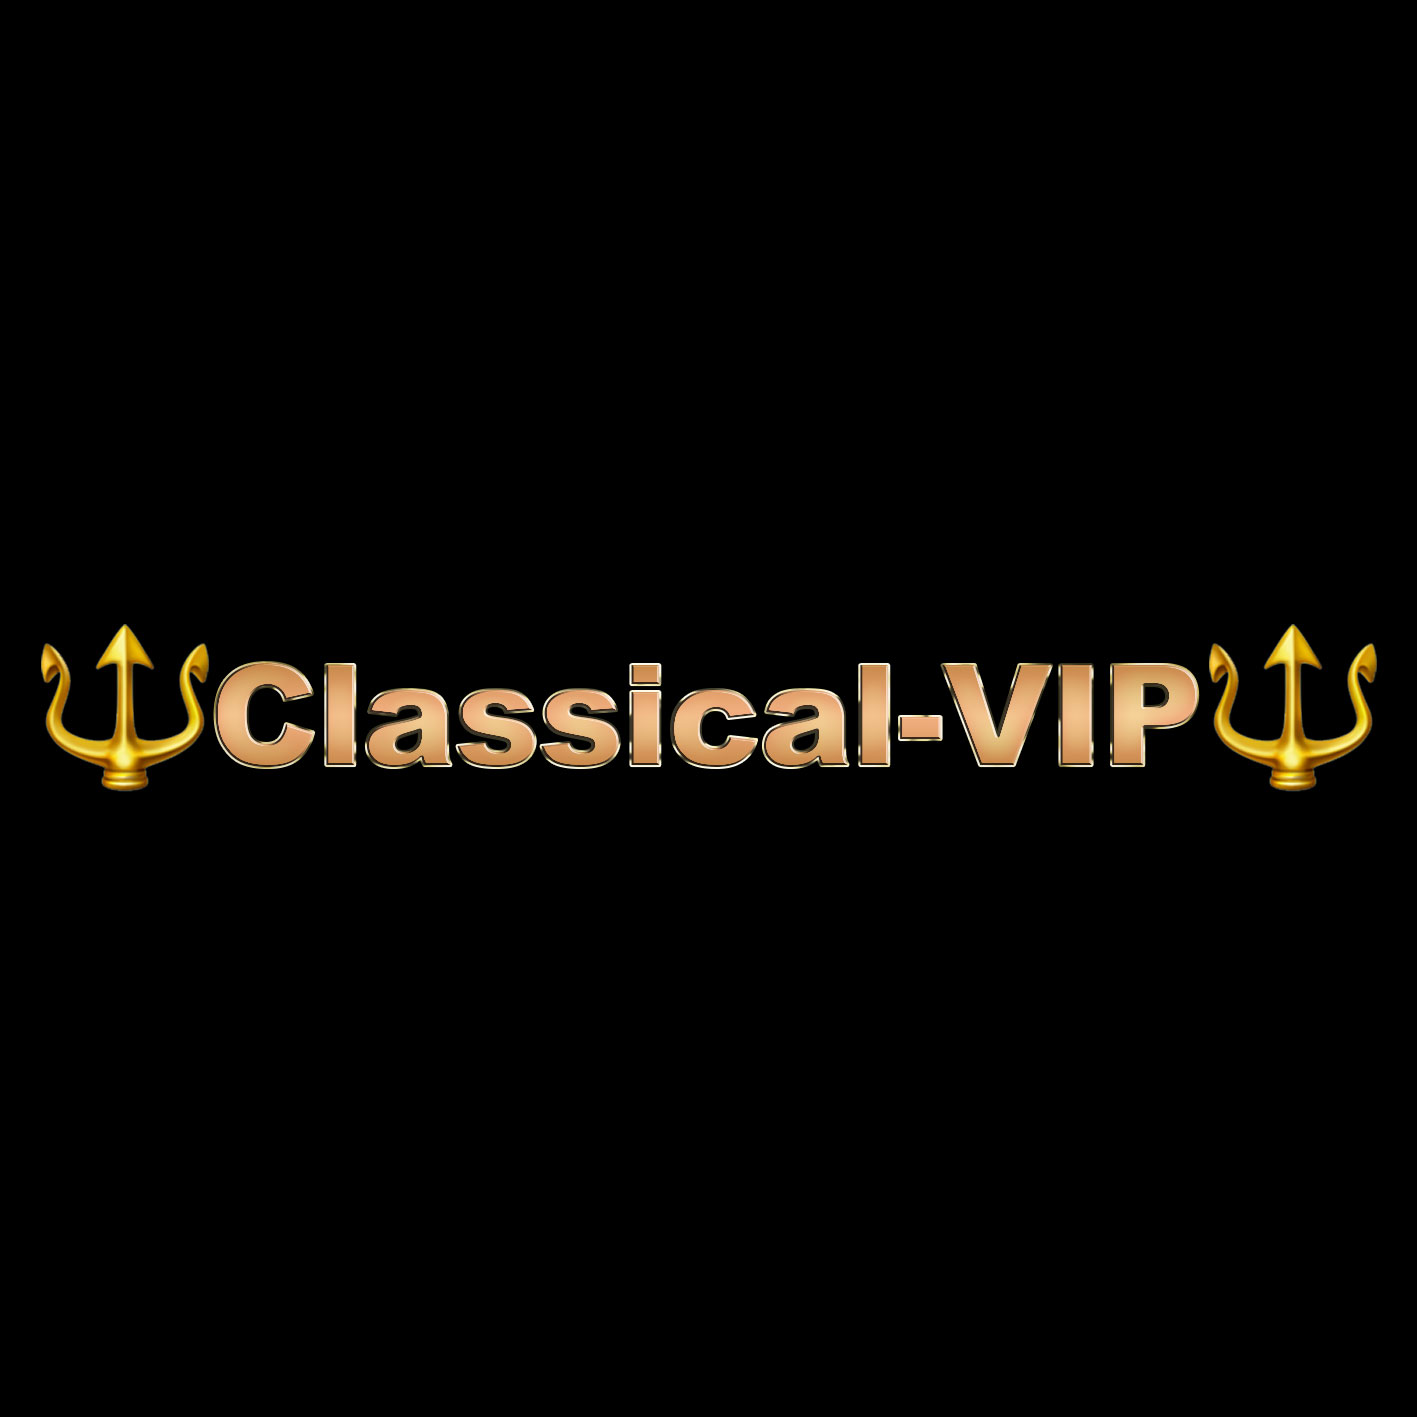 clasical